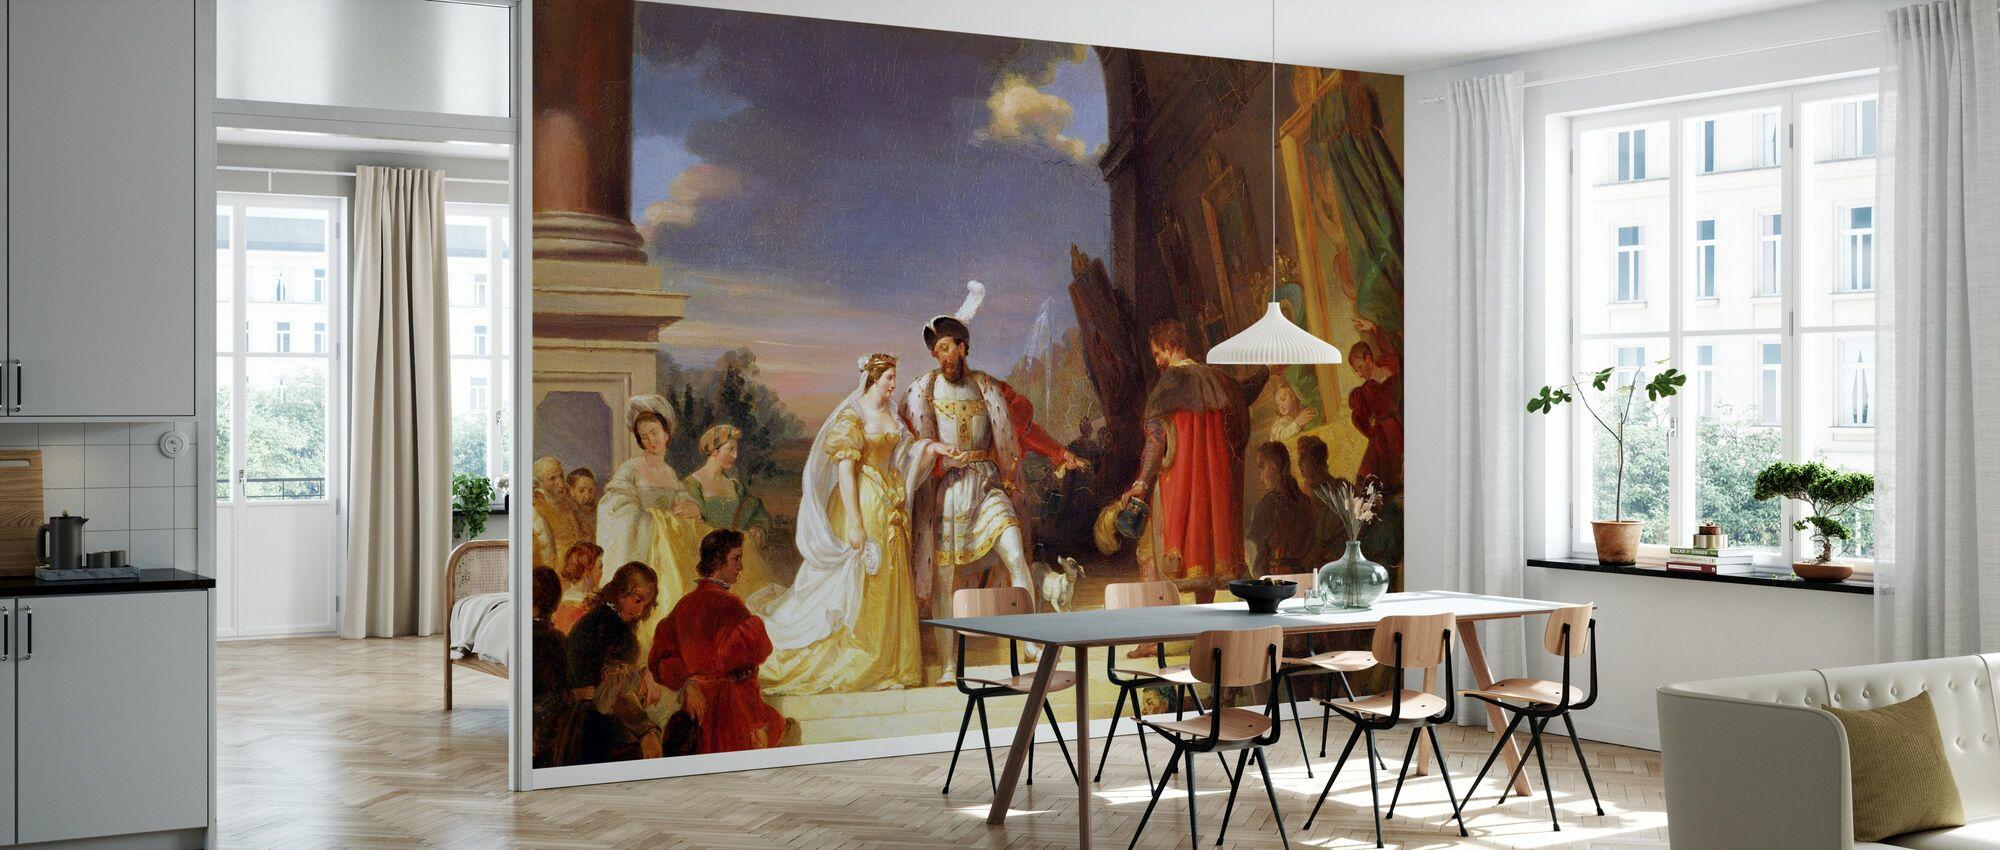 François I - Alexandre Evariste Fragonard - Tapet - Kjøkken